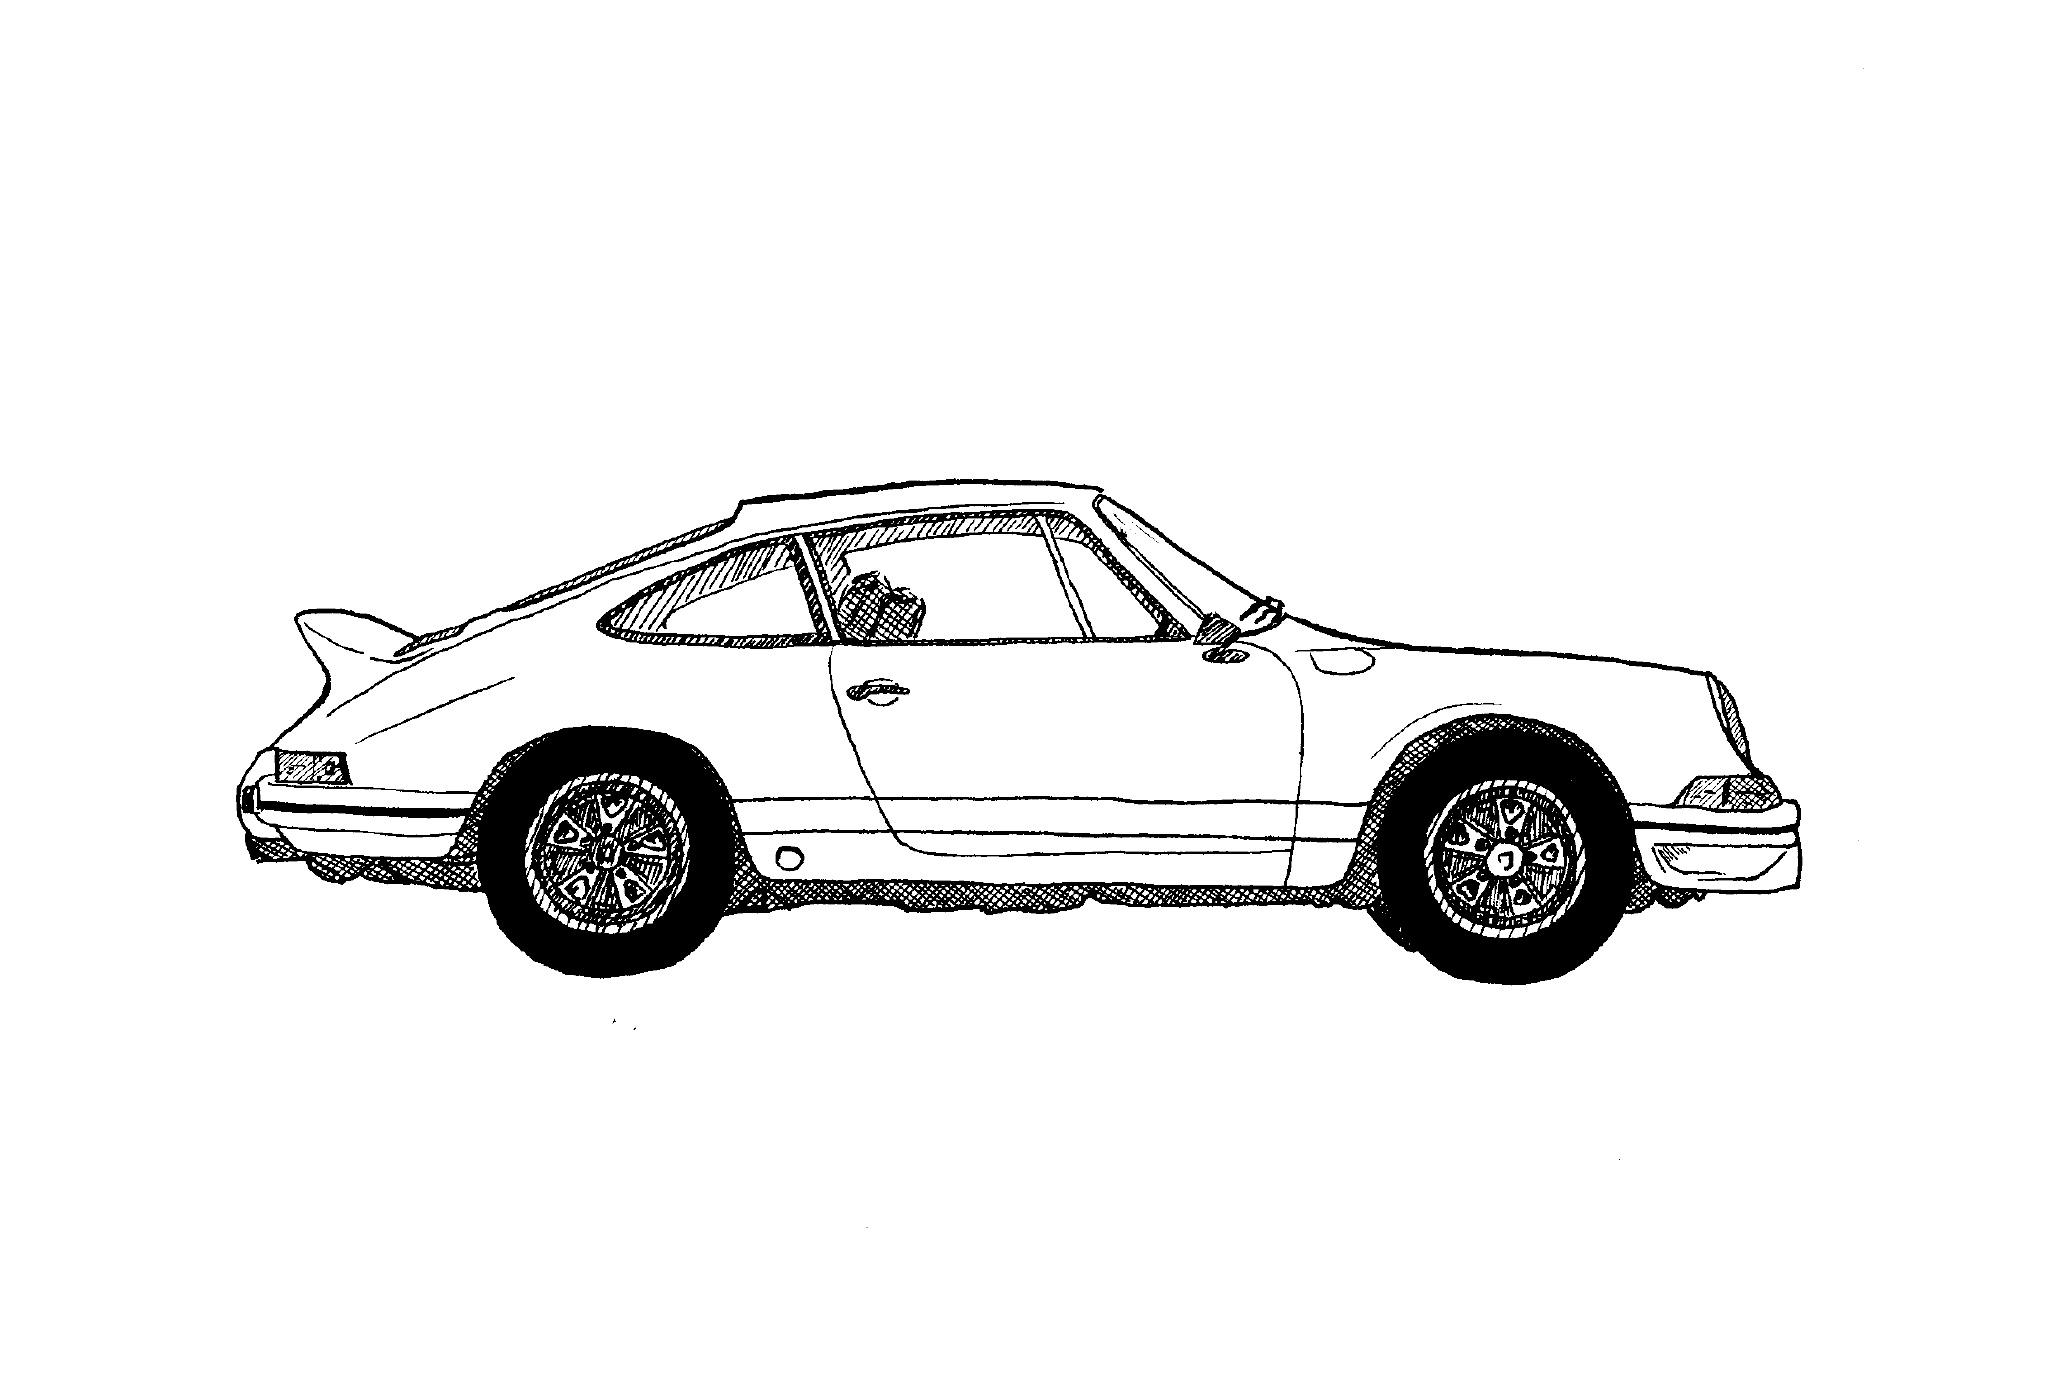 Valentinastand_illustration-Porsche